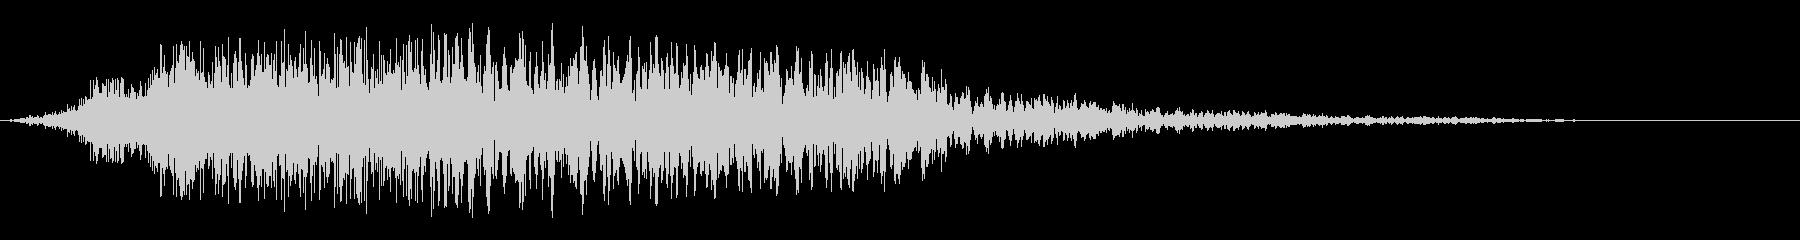 超高速で駆け抜ける音の未再生の波形